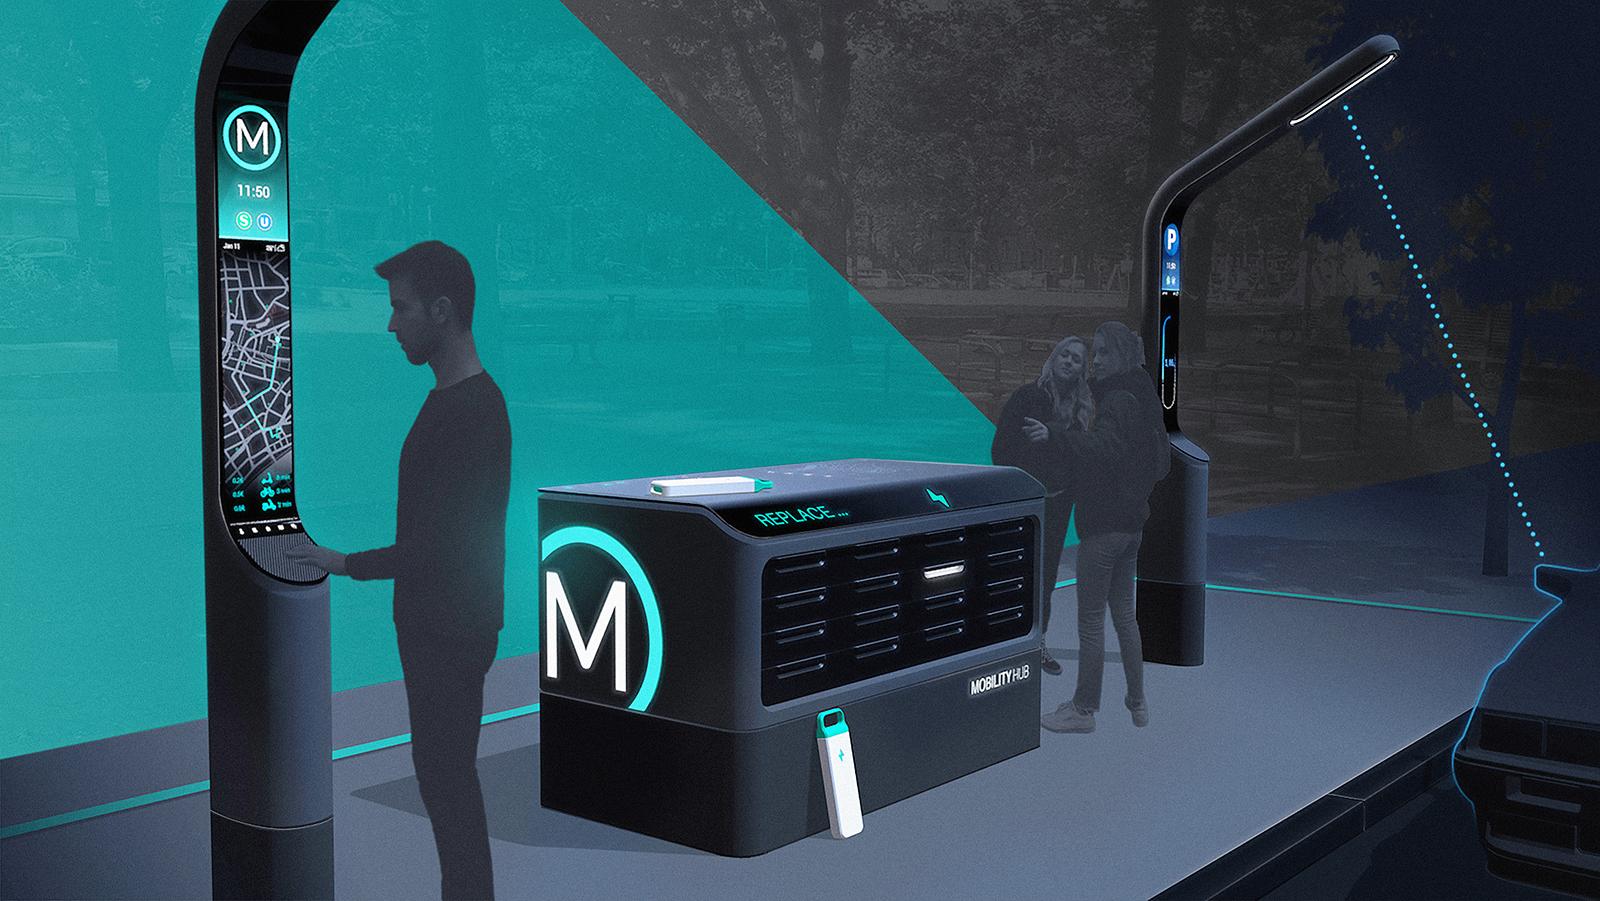 Mobility HUB – Vision einer Mobilitätsstation im urbanen Raum